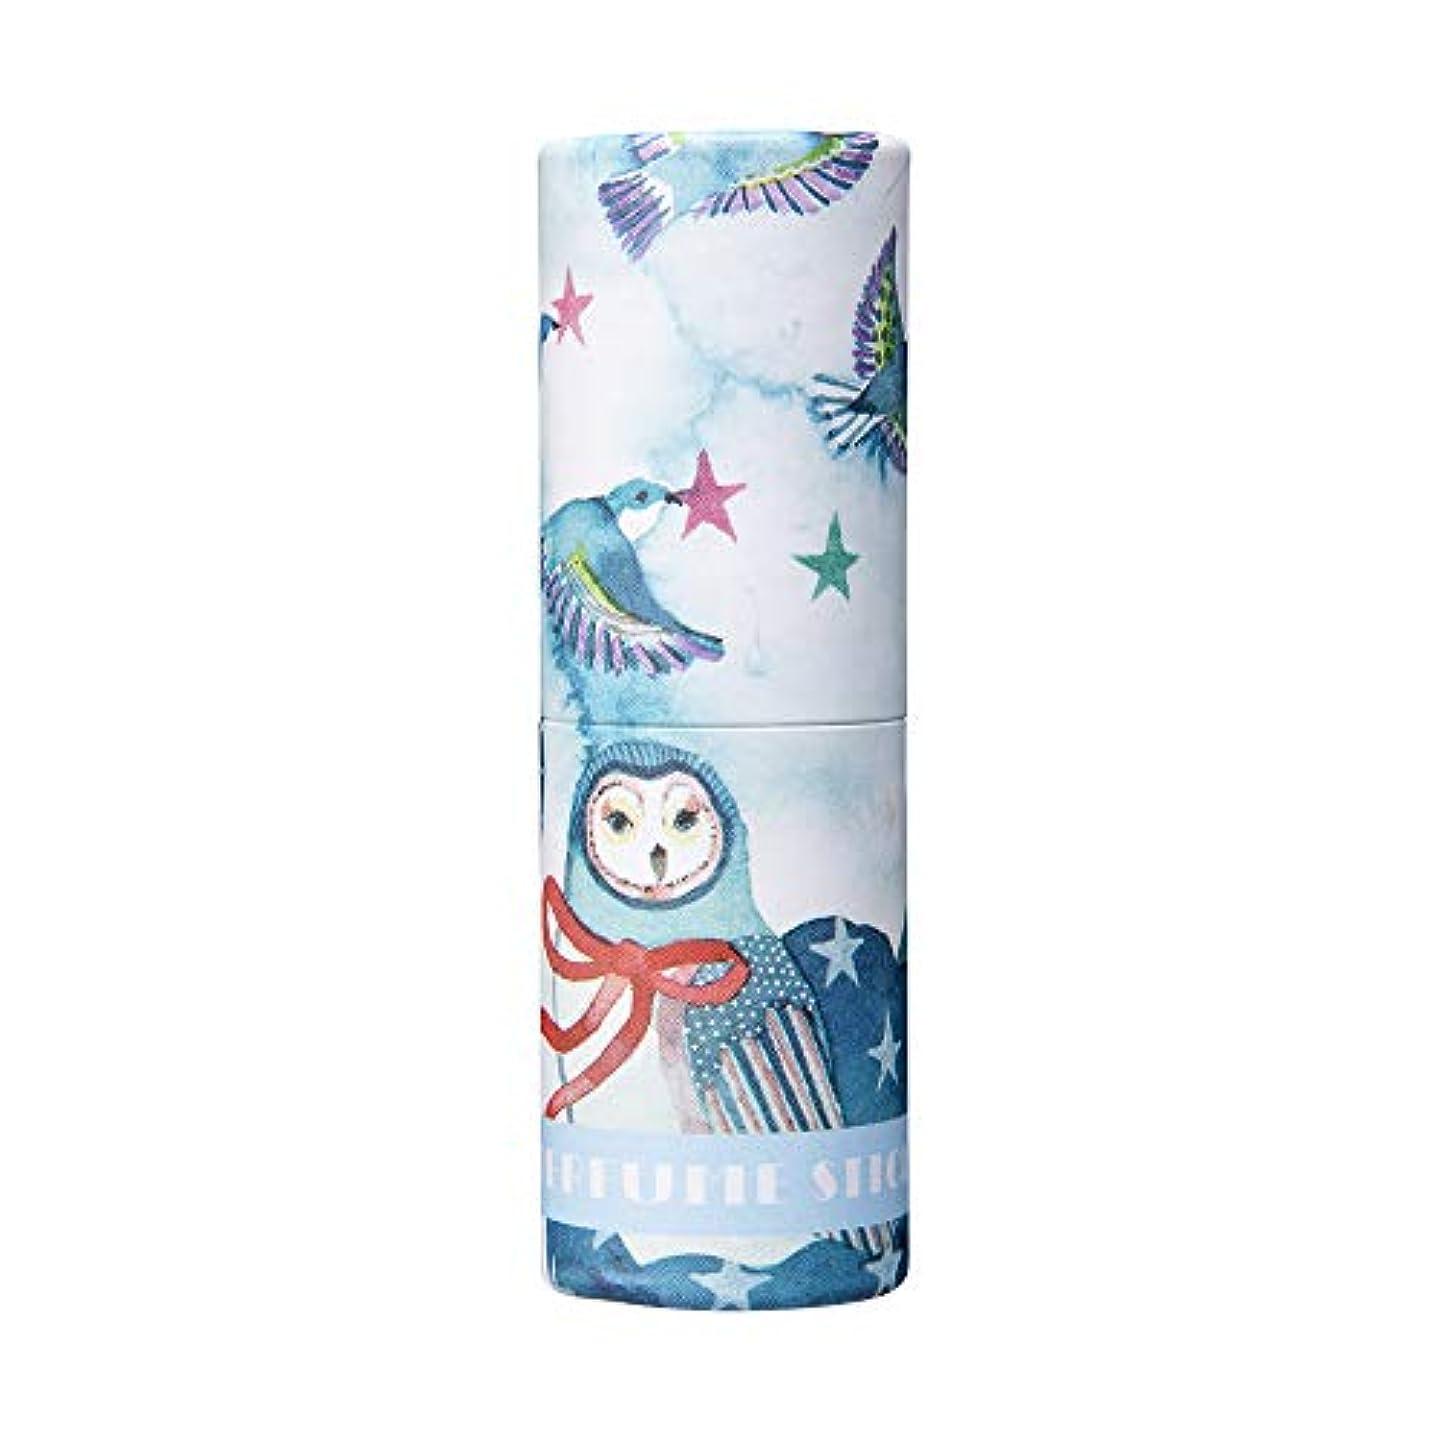 ポット伝記面倒パフュームスティック ウィッシュ ホワイトフラワー&シャボンの香り CatoFriendデザイン 5g